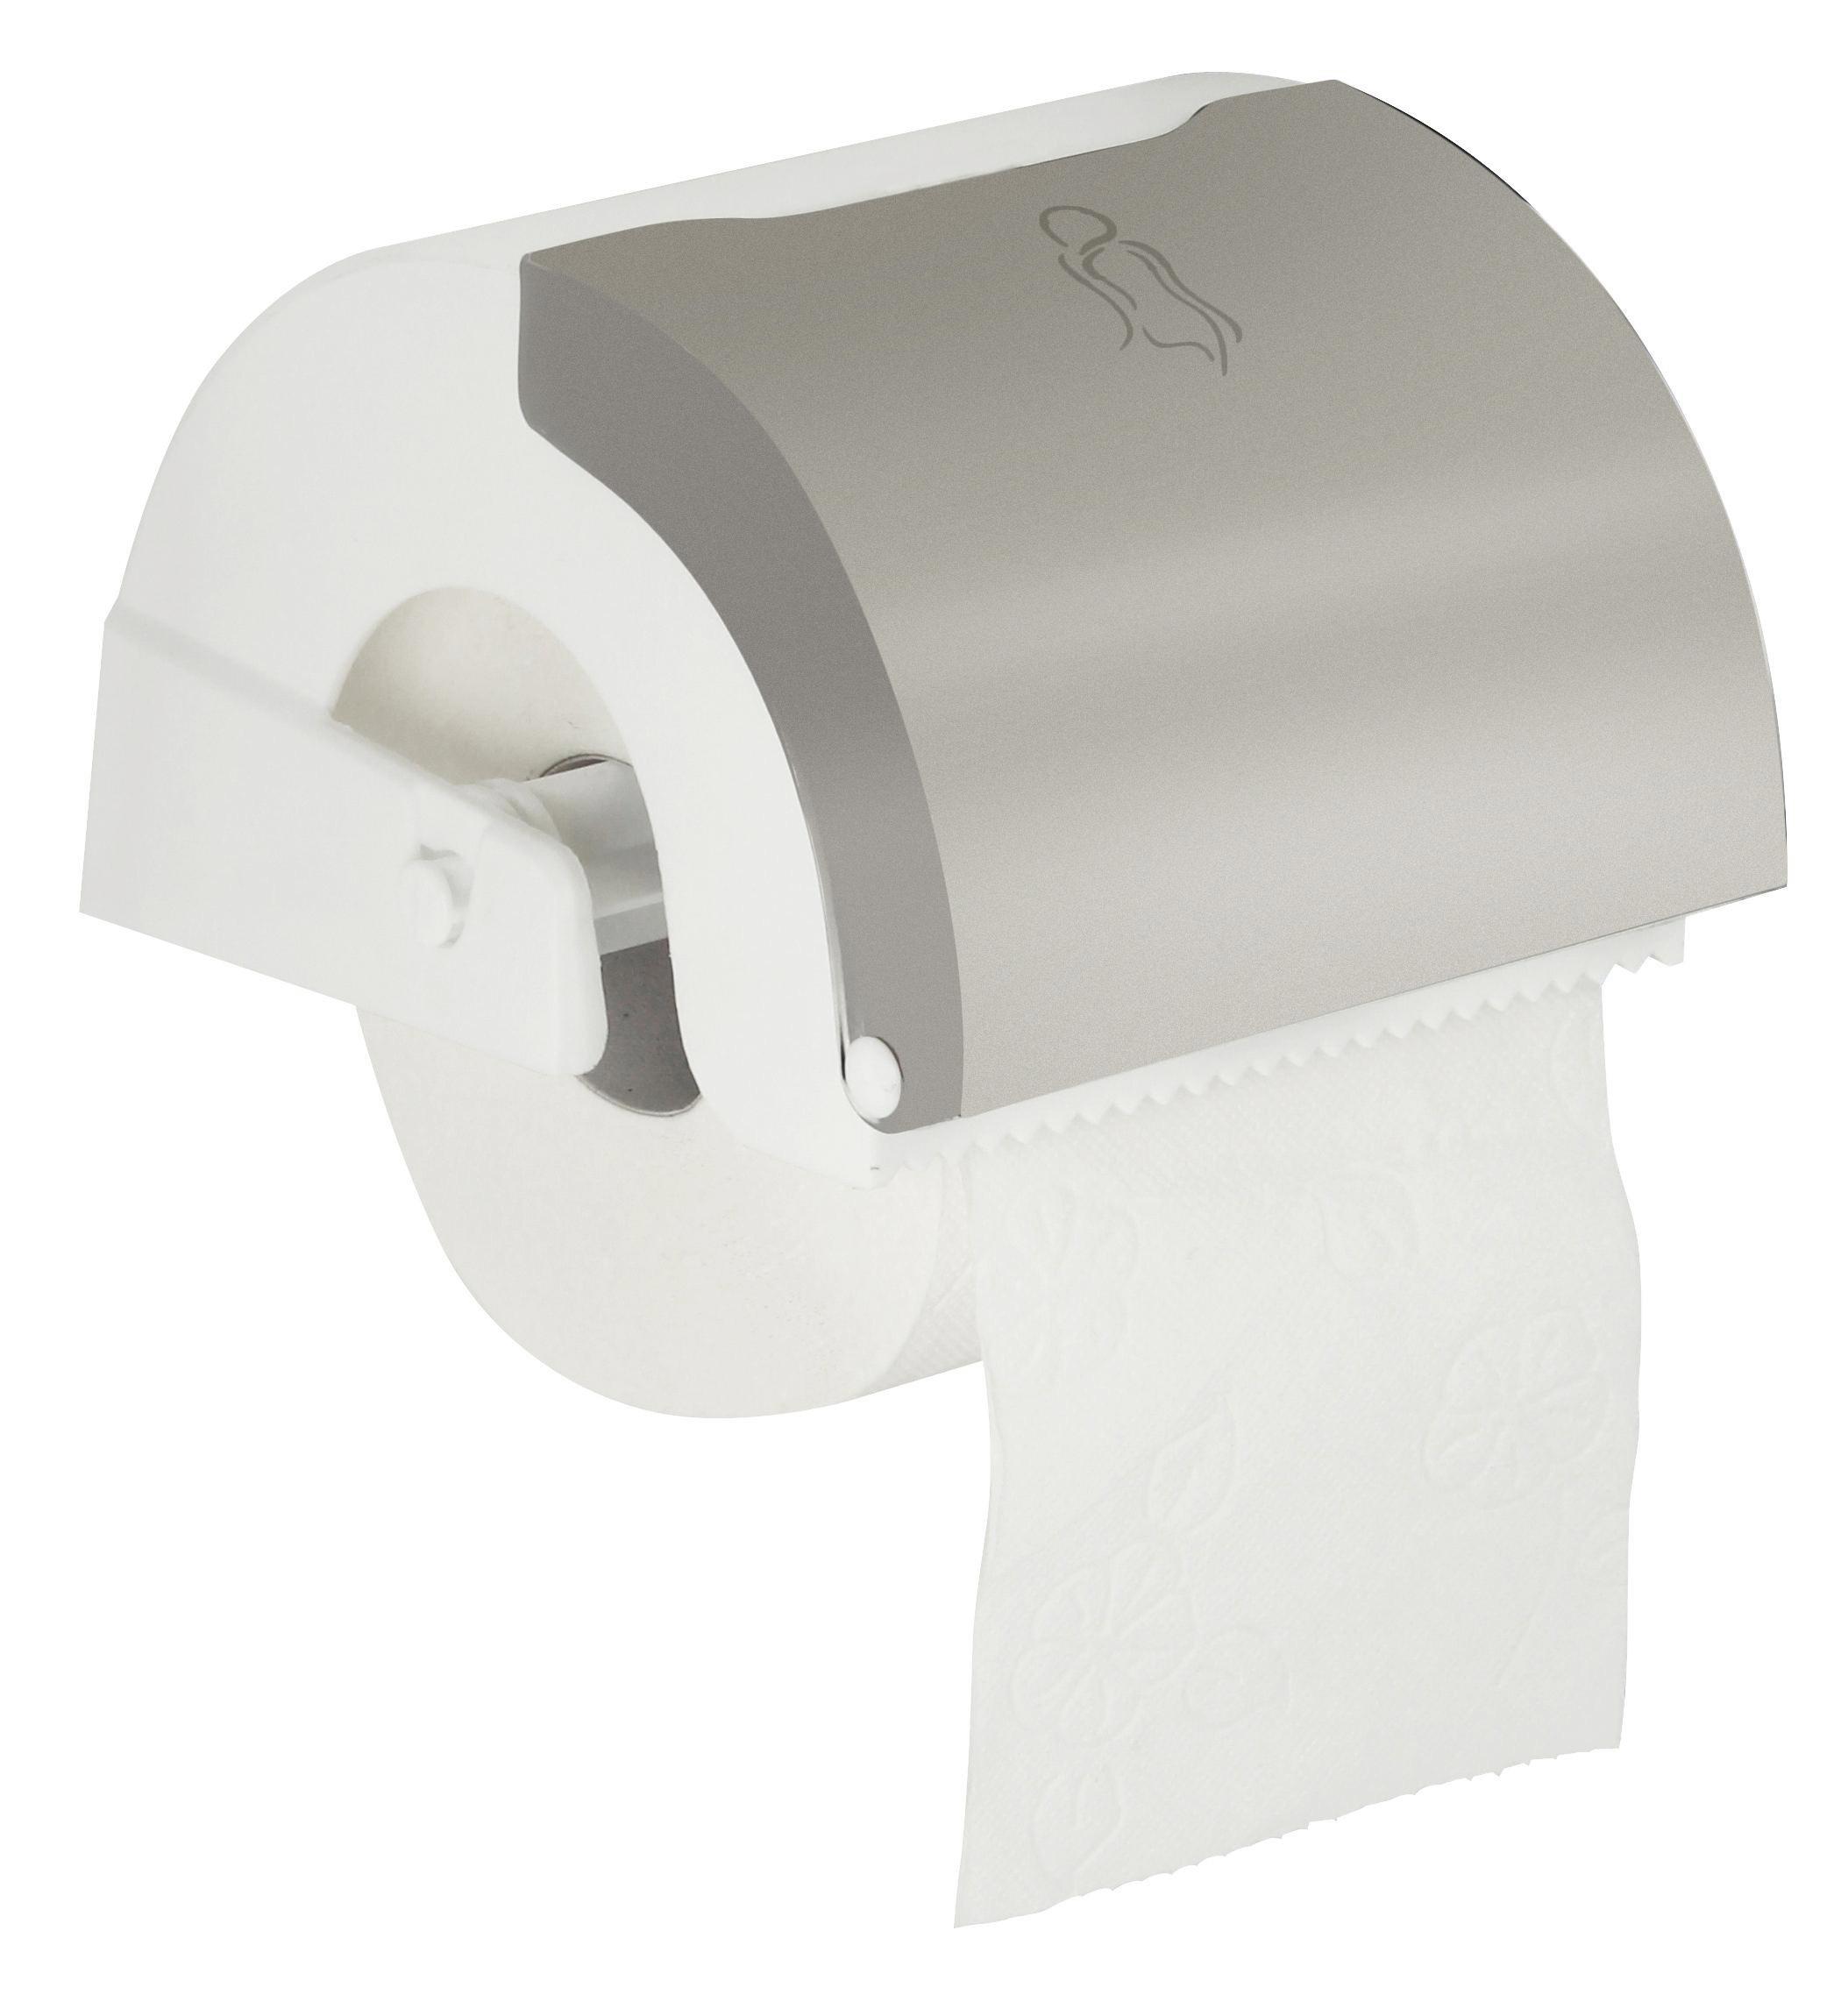 Toilettenpapierhalter Fm - Edelstahlfarben/Weiß, Kunststoff/Metall (16/13,5/10cm) - MÖMAX modern living